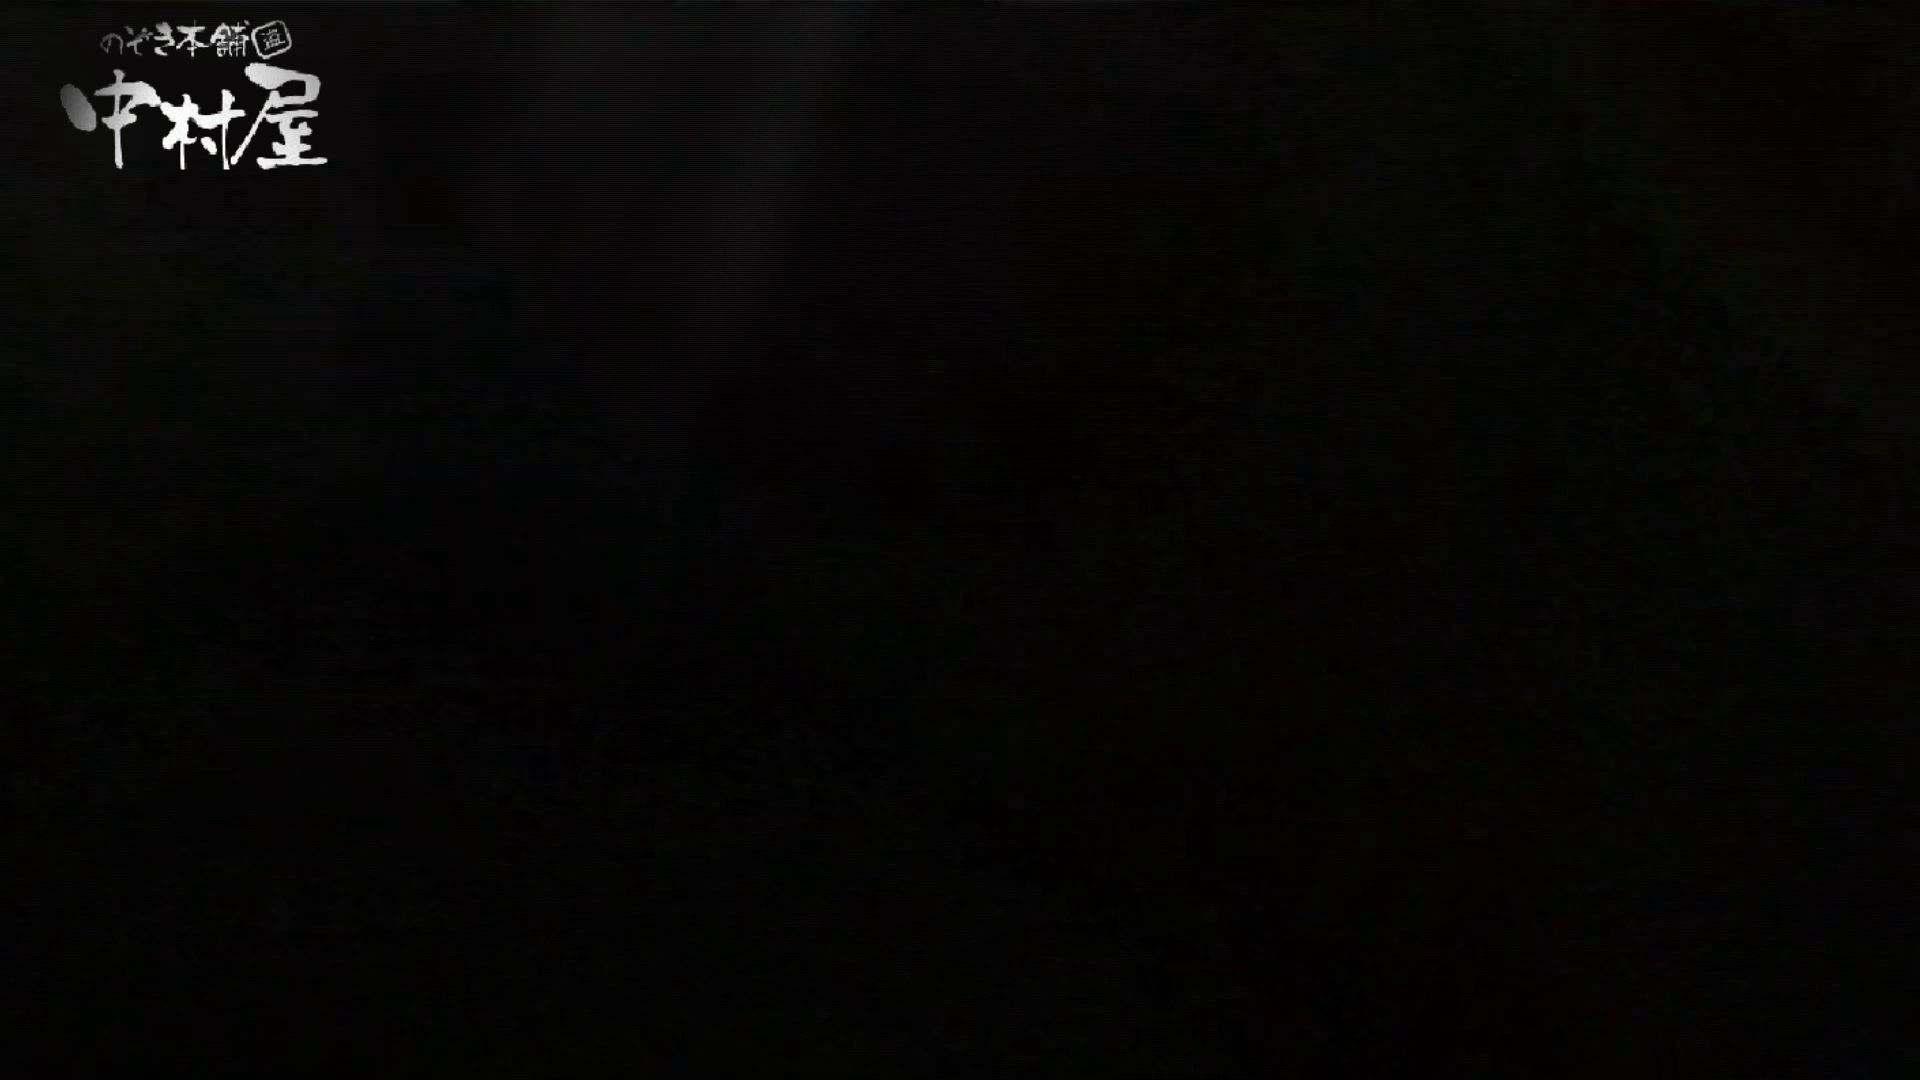 【世界の射窓から~ステーション編~】ステーション編 vol52 我慢して個室に入ったら。||:-)!! 盗撮特集 | おまんこ  79画像 71